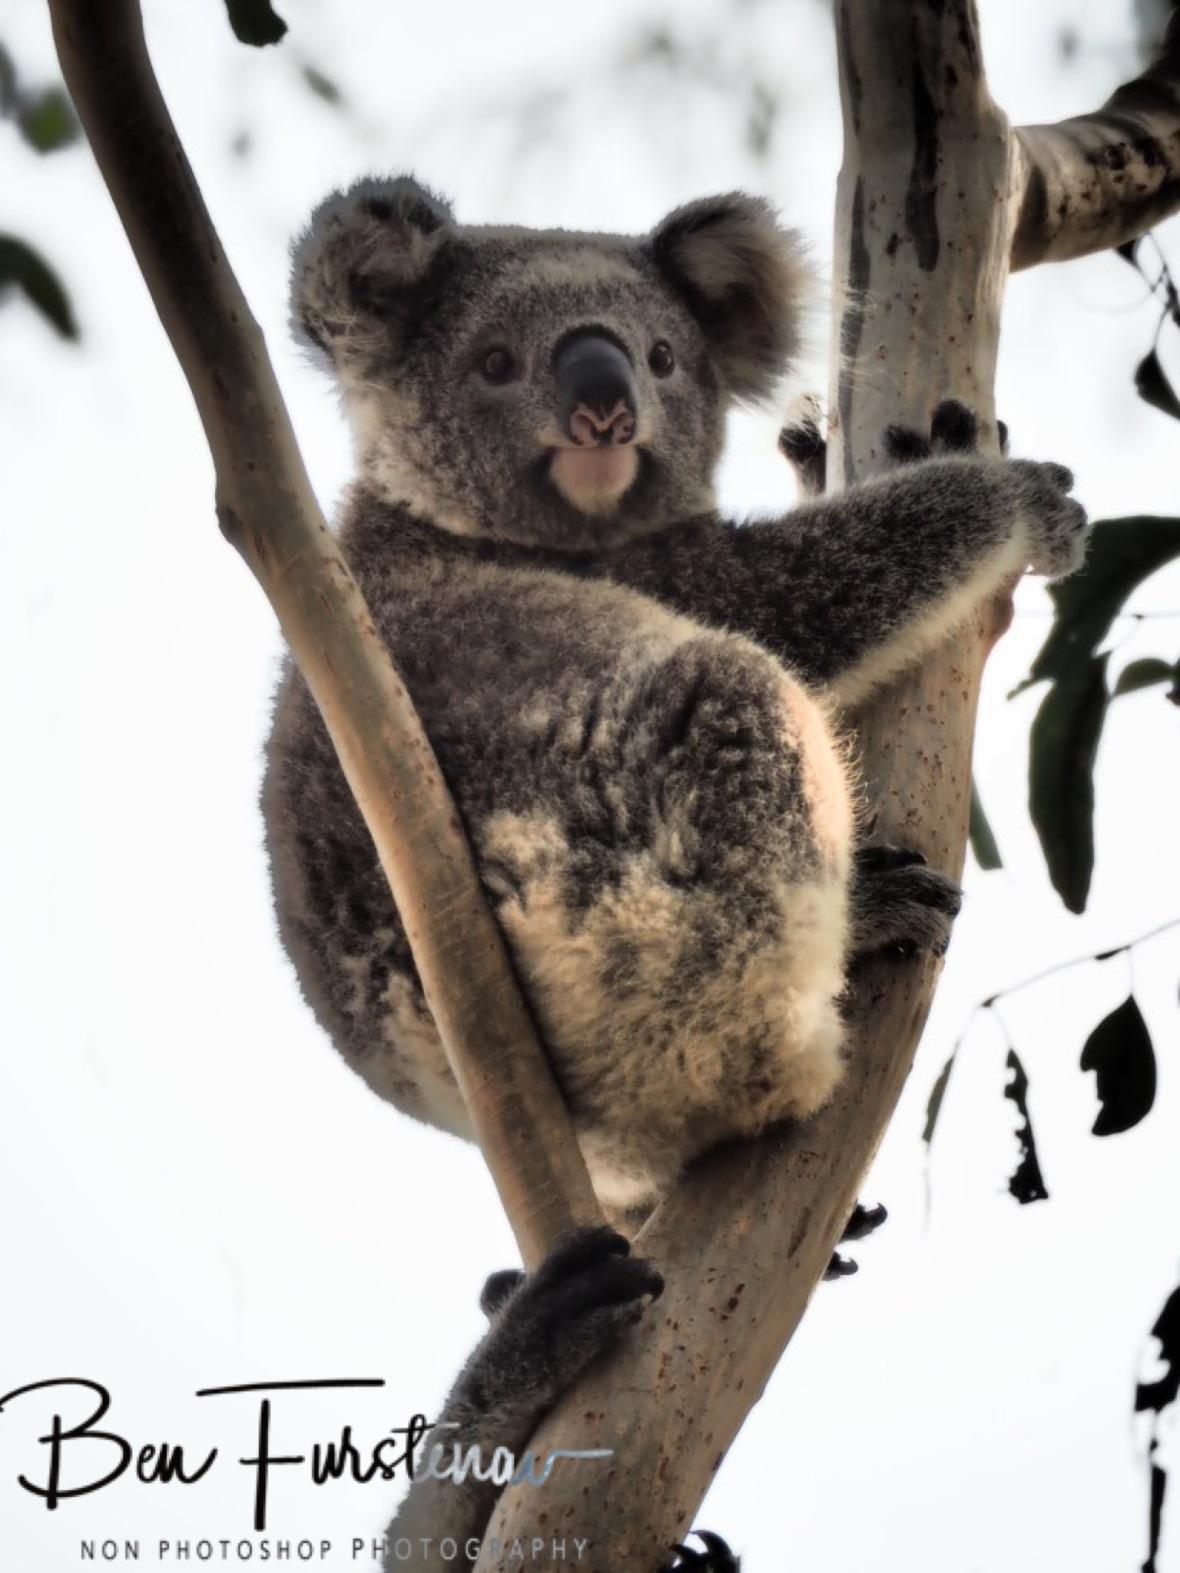 Koala nose imprint at Woodburn, Northern New South Wales, Australia